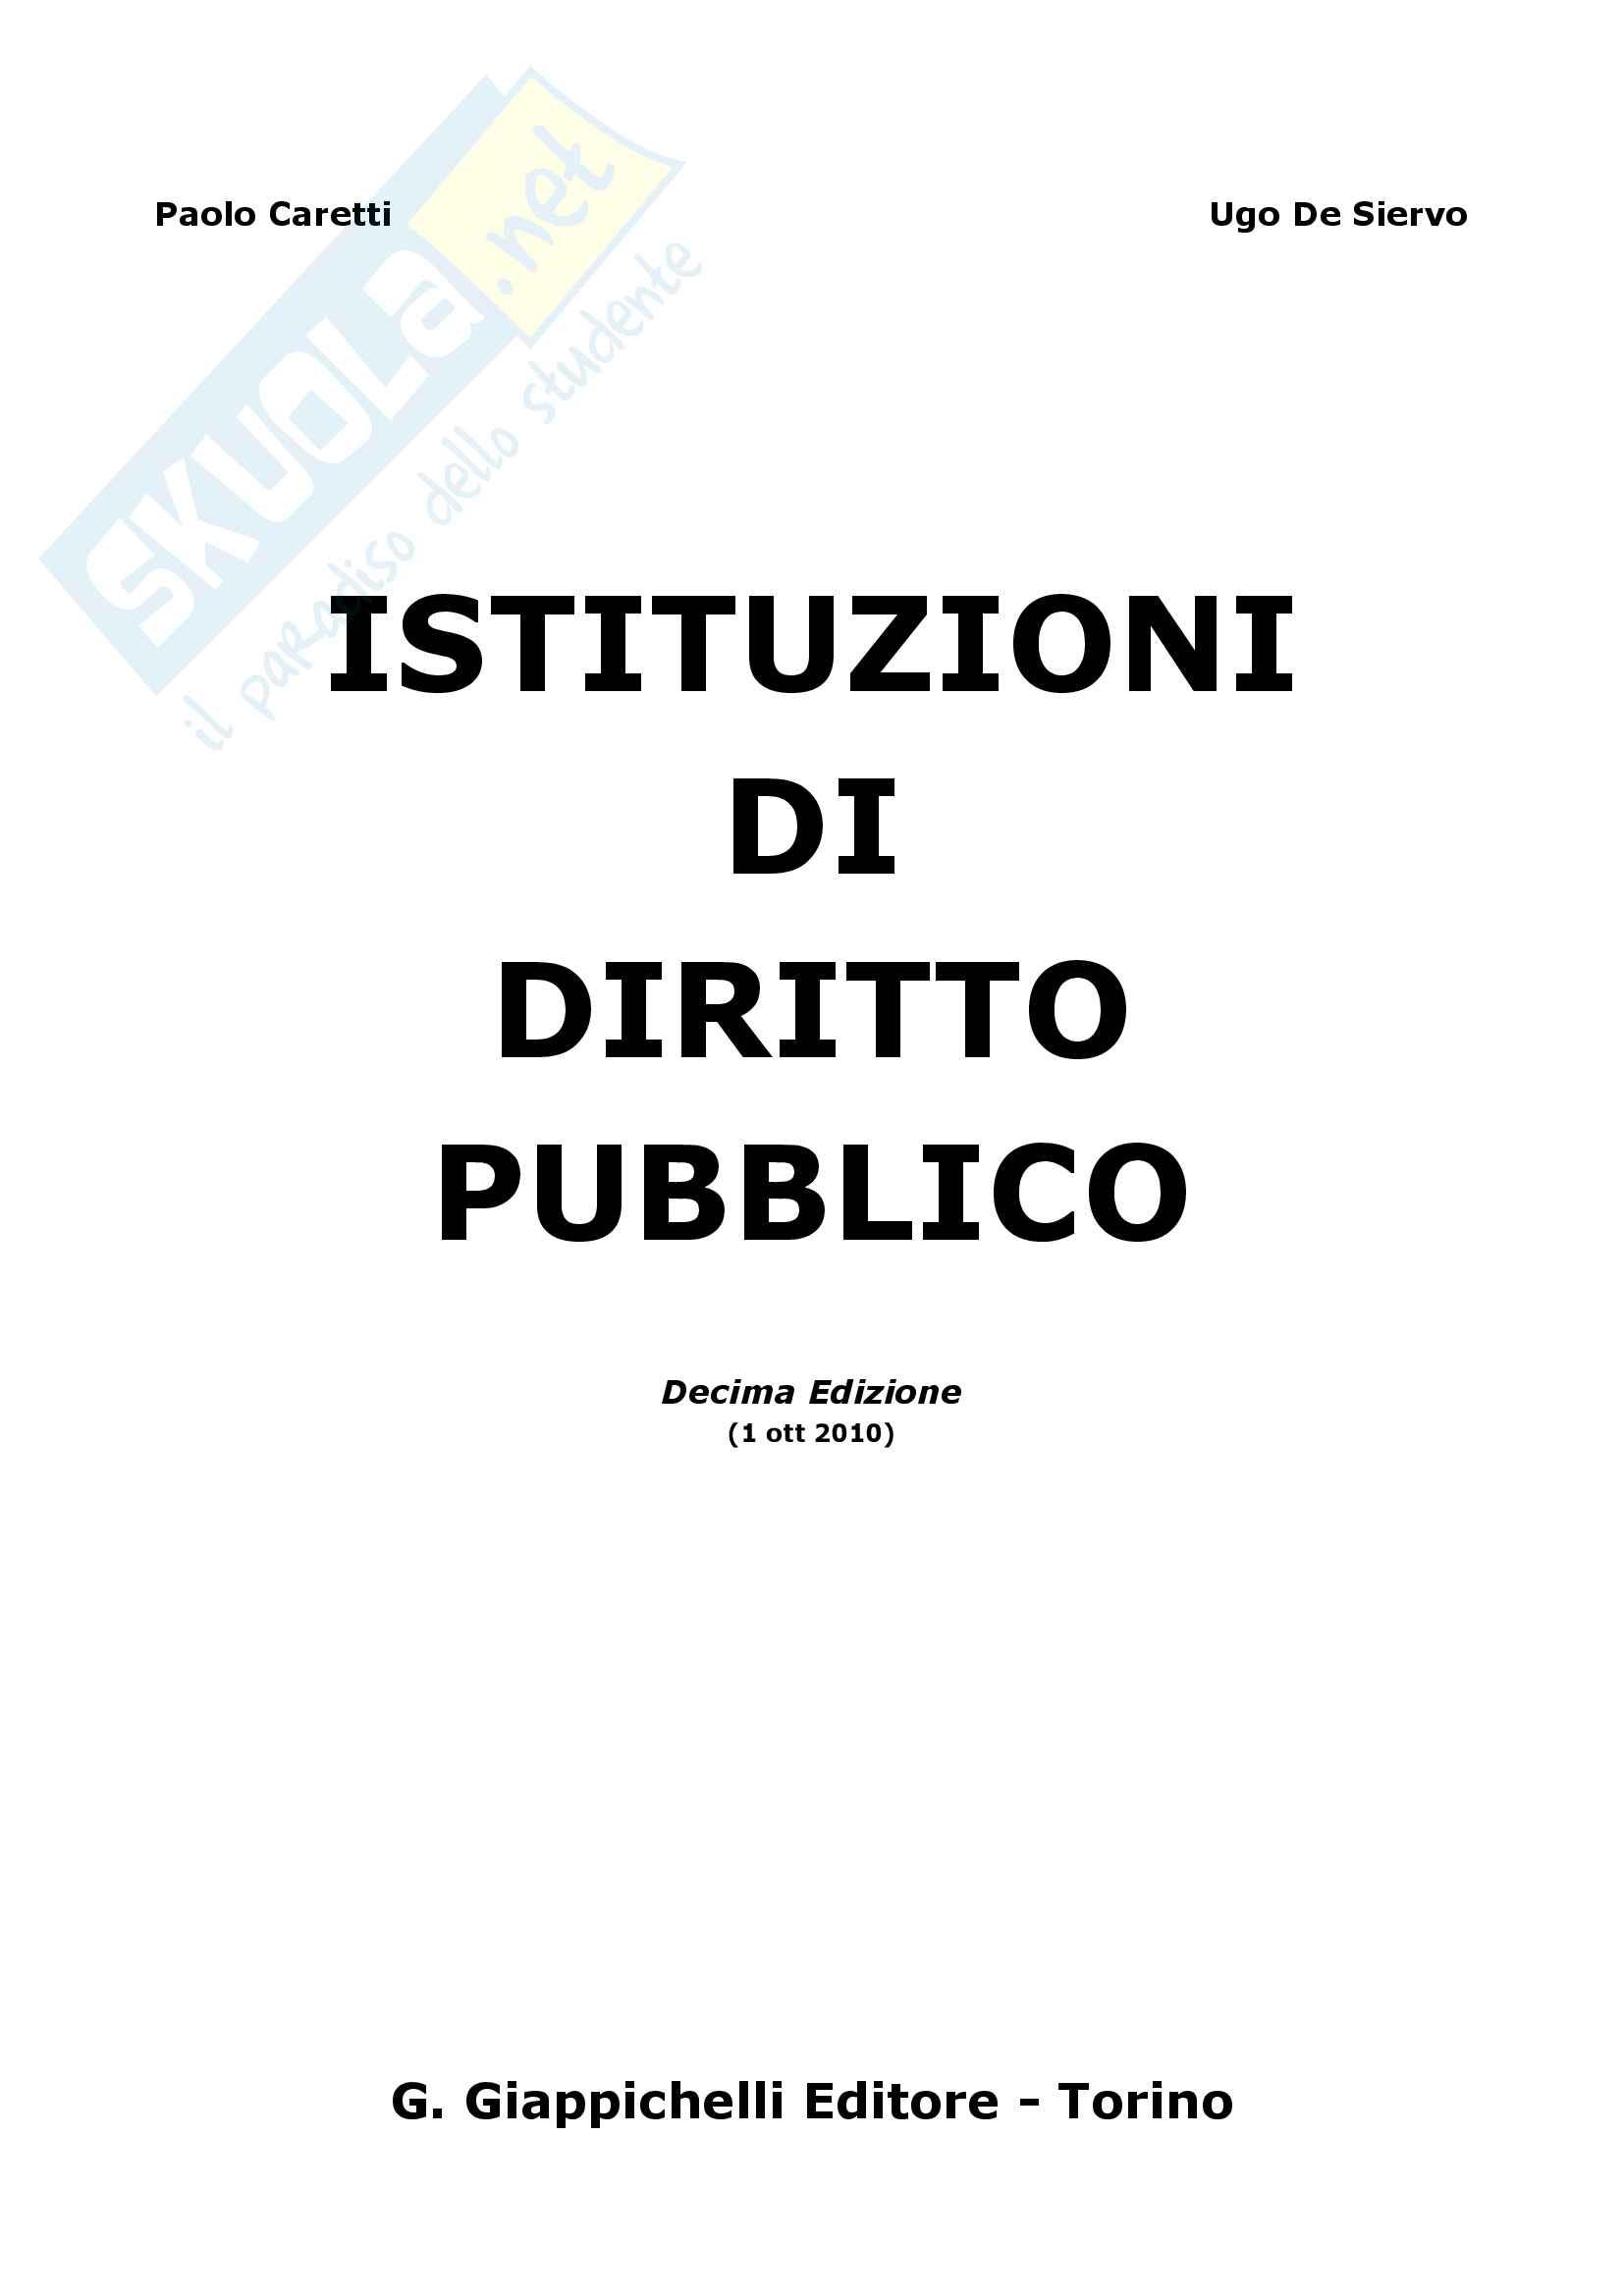 Riassunto esame Istituzioni di diritto pubblico, prof. Zammartino, libro consigliato Diritto costituzionale e pubblico, Caretti, De Siervo